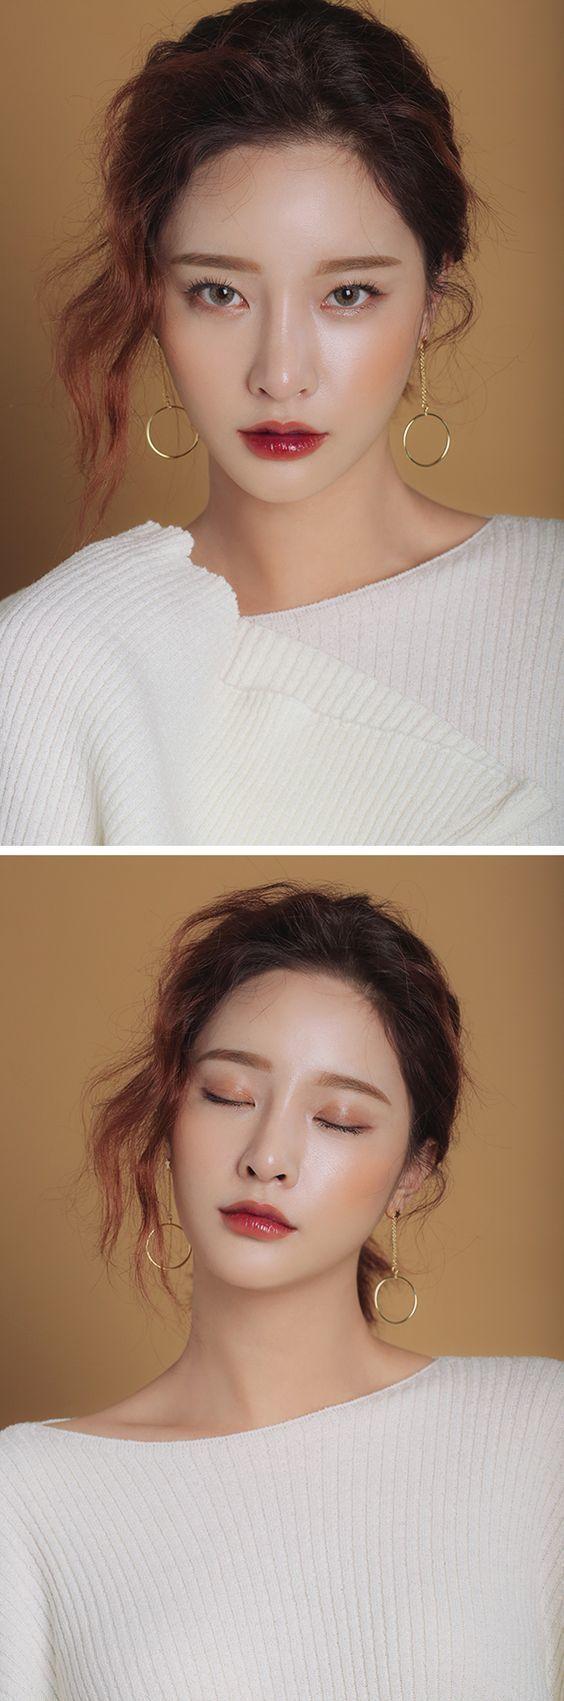 ลิปแมตต์ฉ่ำวาวแดงฉ่ำๆ กับสไตล์การแต่งหน้าแบบดิวอี้หน้าเงา ทาอายแชโดว์สีทองเล็กน้ยสวยเป๊ะแบบสาวเกาหลี